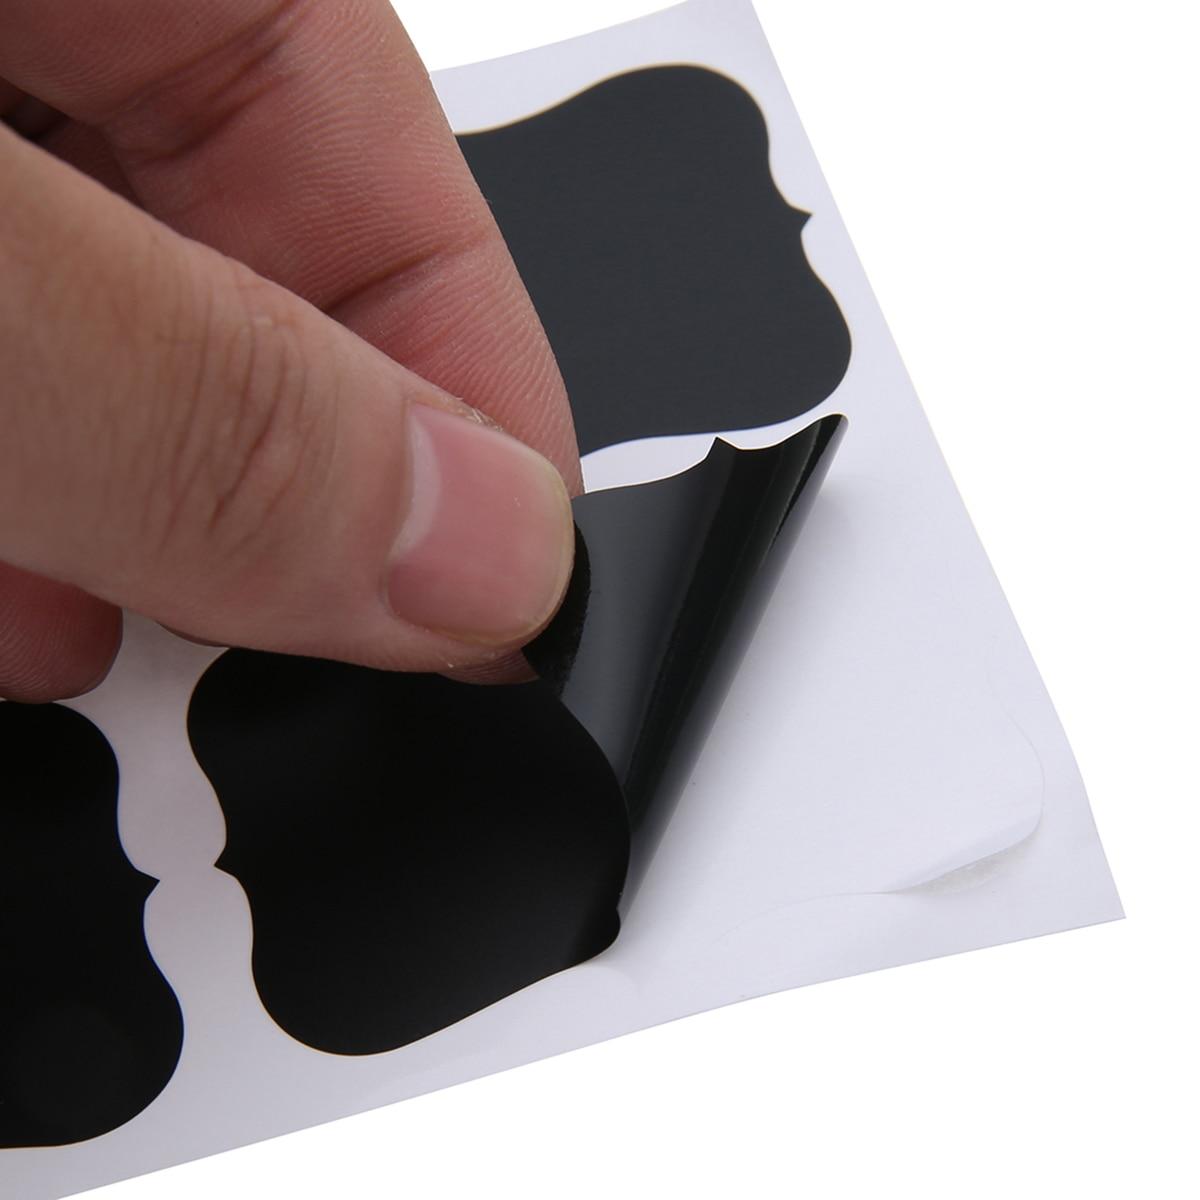 100pcs Blackboard Sticker Label Chalk Board Labels Kitchen Jars Organizer Craft Chalkboard Sticker For Home Kitchen Decoration